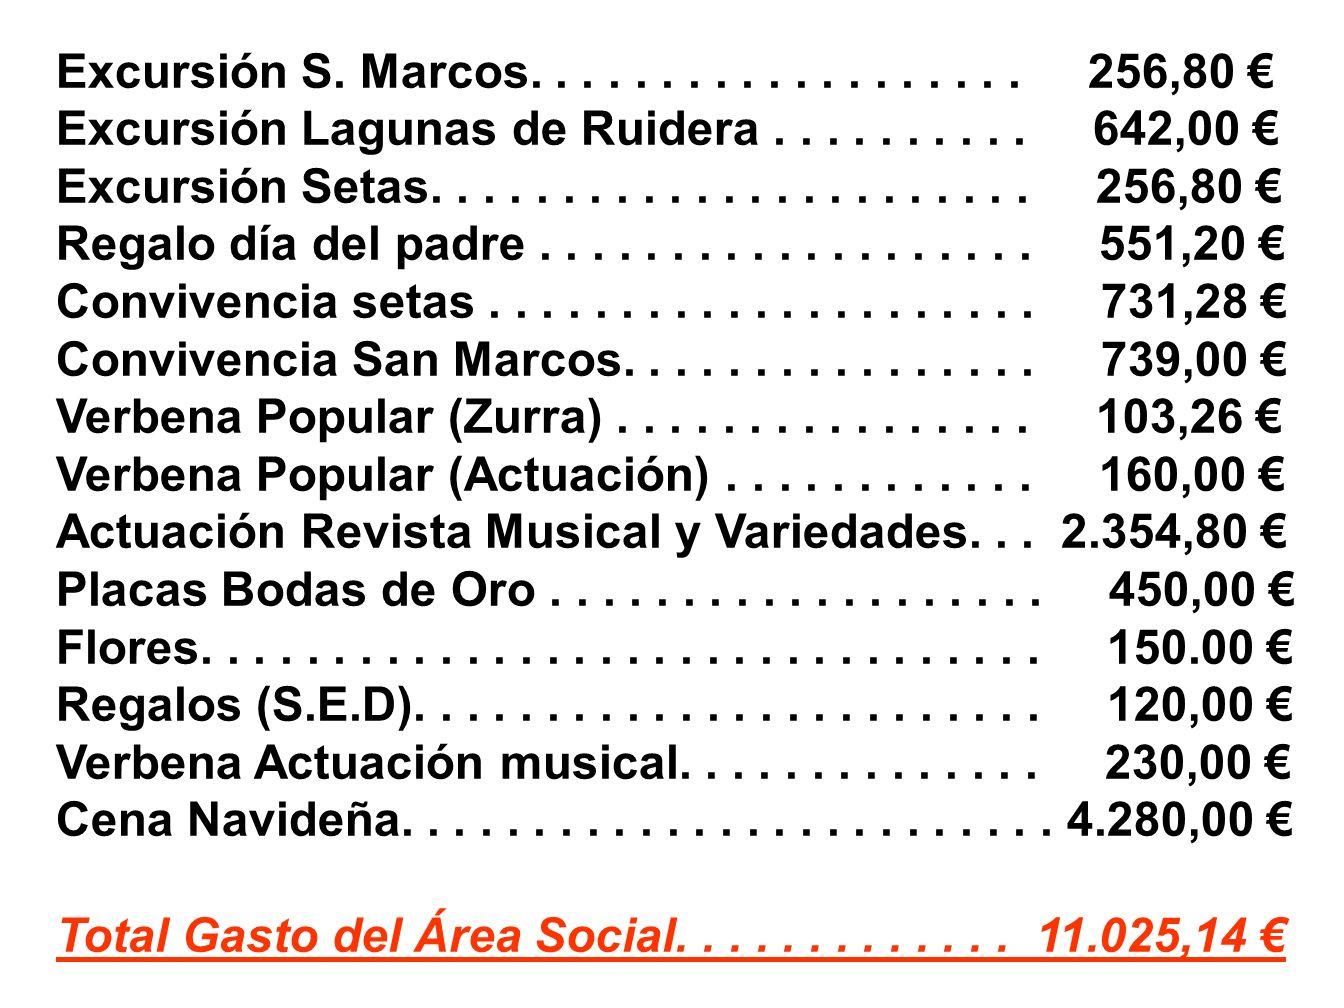 Excursión S. Marcos. . . . . . . . . . . . . . . . . . . 256,80 € Excursión Lagunas de Ruidera . . . . . . . . . . 642,00 €